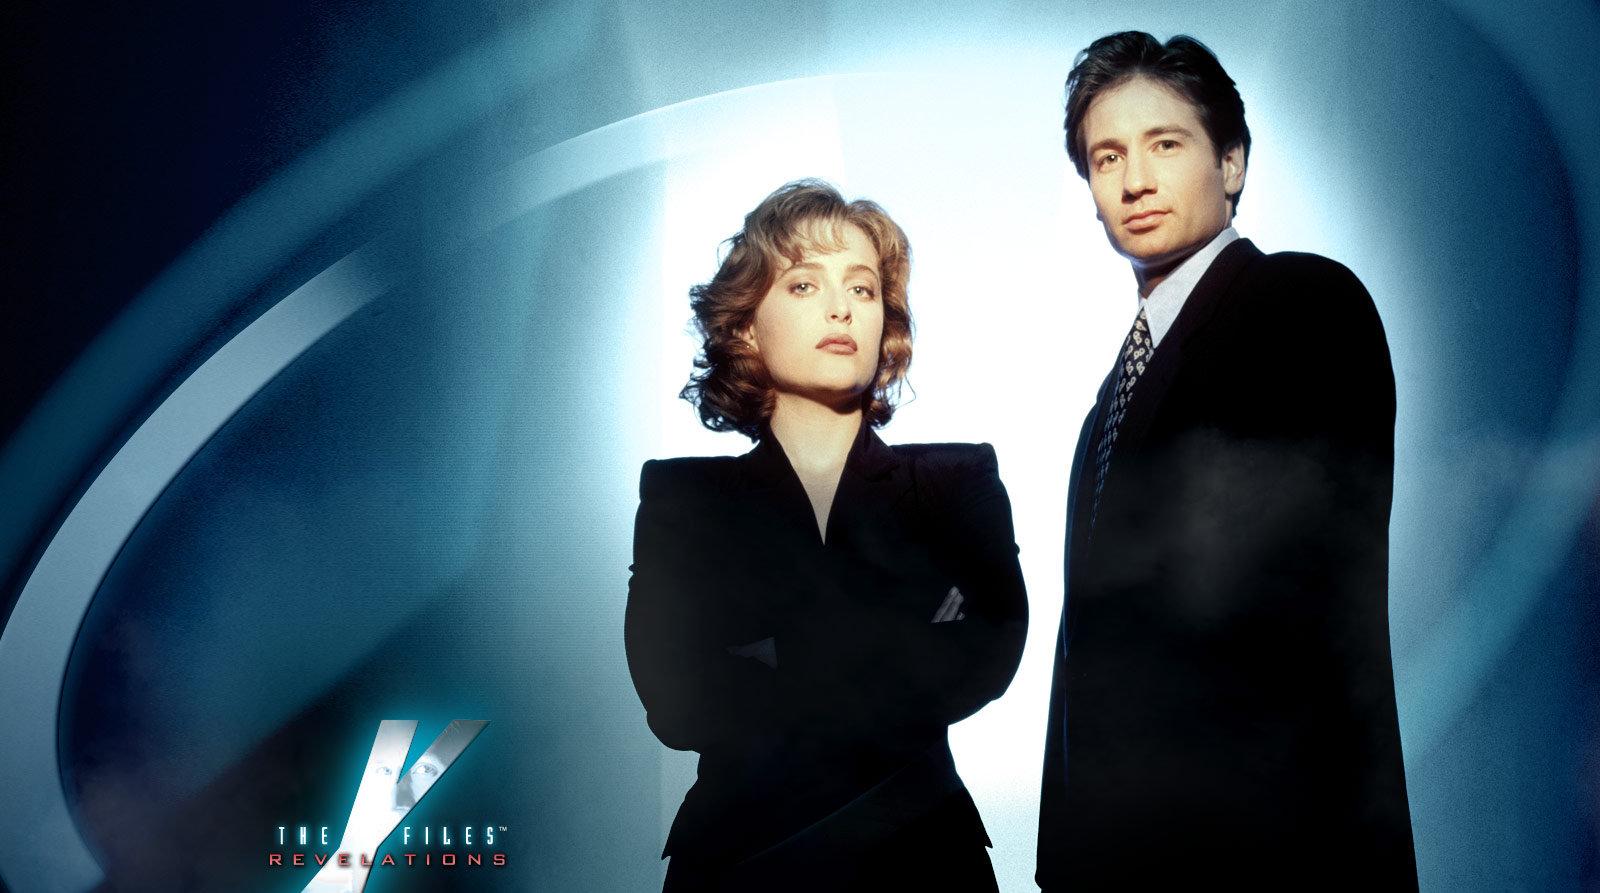 Dana Skully og Fox Mulder er trolig pensjonerte nå. Men deres etterfølgere slipper i hvert fall å bla i ringpermer...